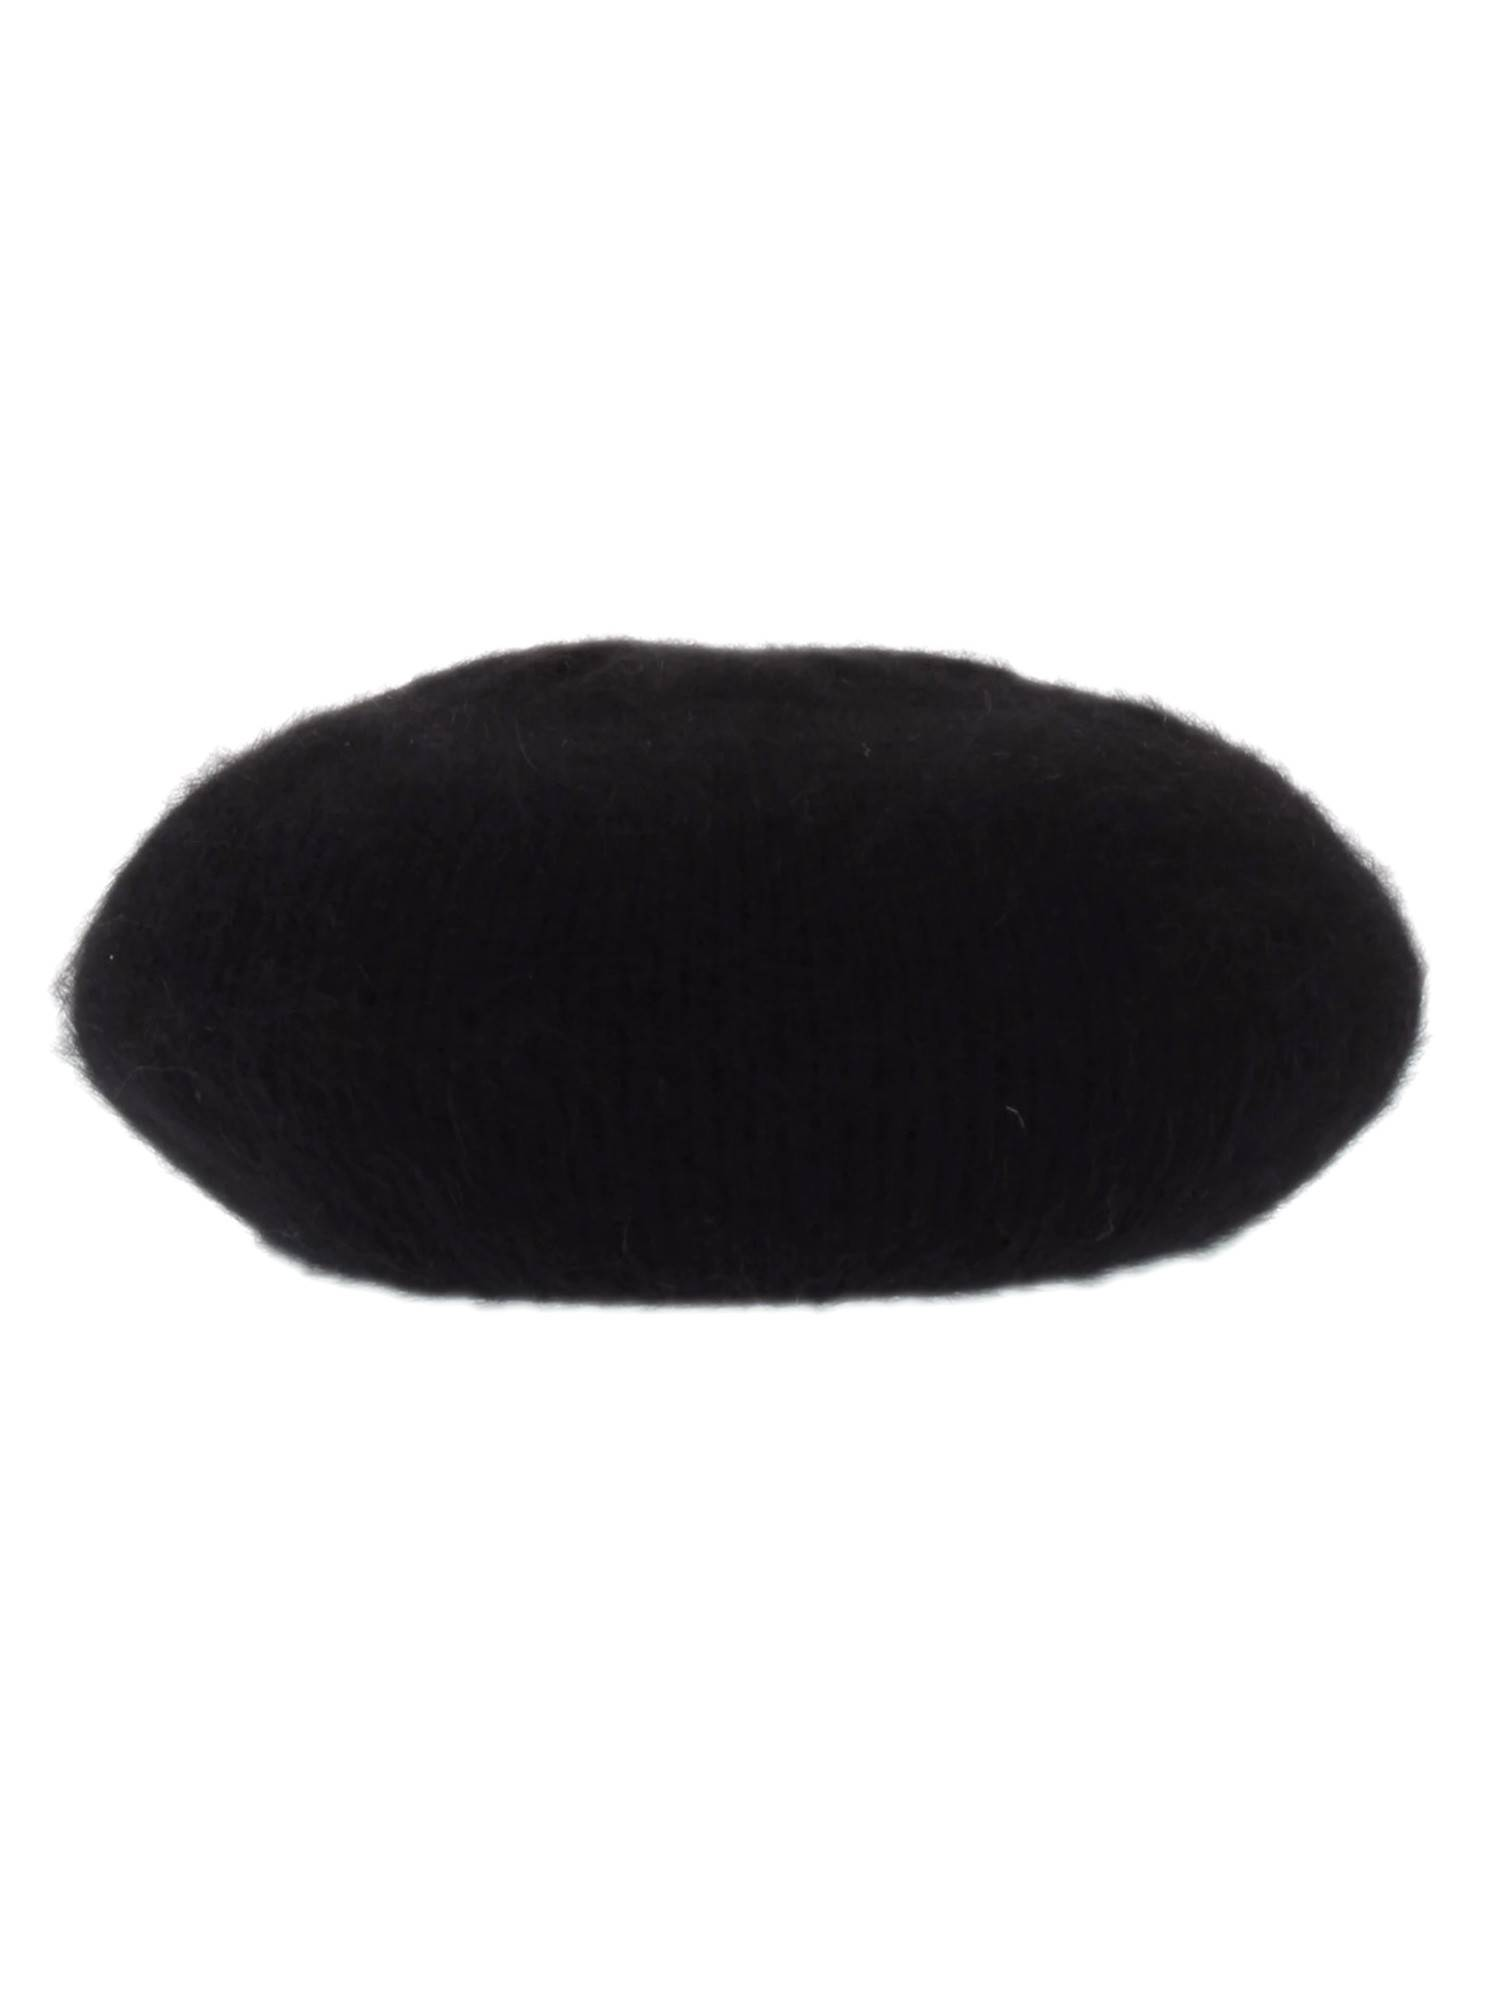 安哥拉贝雷帽